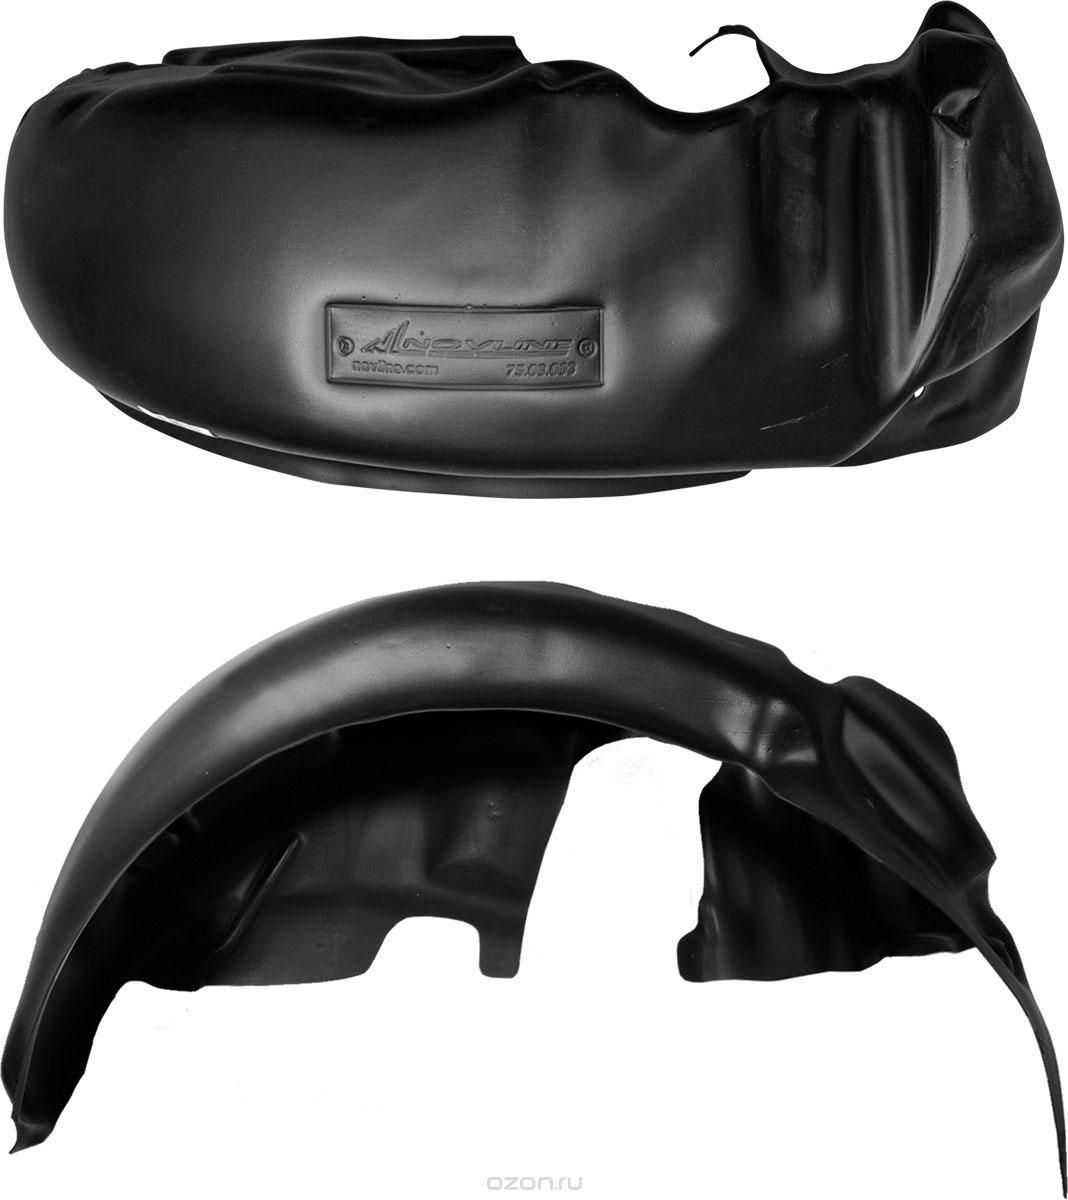 Подкрылок Novline-Autofamily, для Haval H9, 05/2015->, внедорожник, передний левыйNLL.99.03.001Идеальная защита колесной ниши. Локеры разработаны с применением цифровых технологий, гарантируют максимальную повторяемость поверхности арки. Изделия устанавливаются без нарушения лакокрасочного покрытия автомобиля, каждый подкрылок комплектуется крепежом. Уважаемые клиенты, обращаем ваше внимание, что фотографии на подкрылки универсальные и не отражают реальную форму изделия. При этом само изделие идет точно под размер указанного автомобиля.